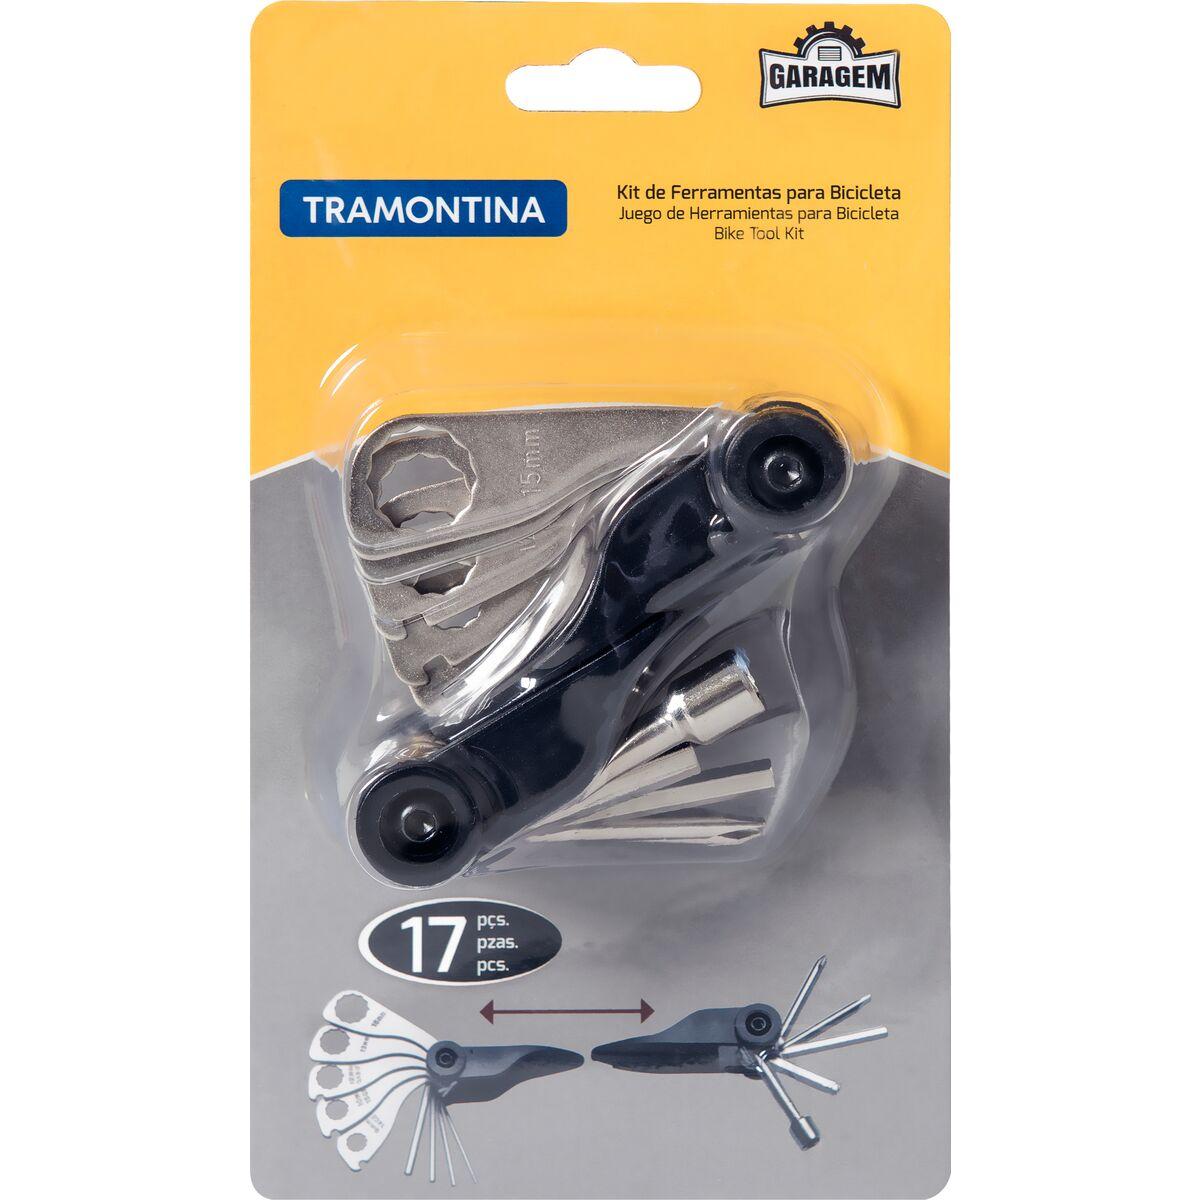 Kit de Ferramentas para Bicicleta 17 peças - Tramontina